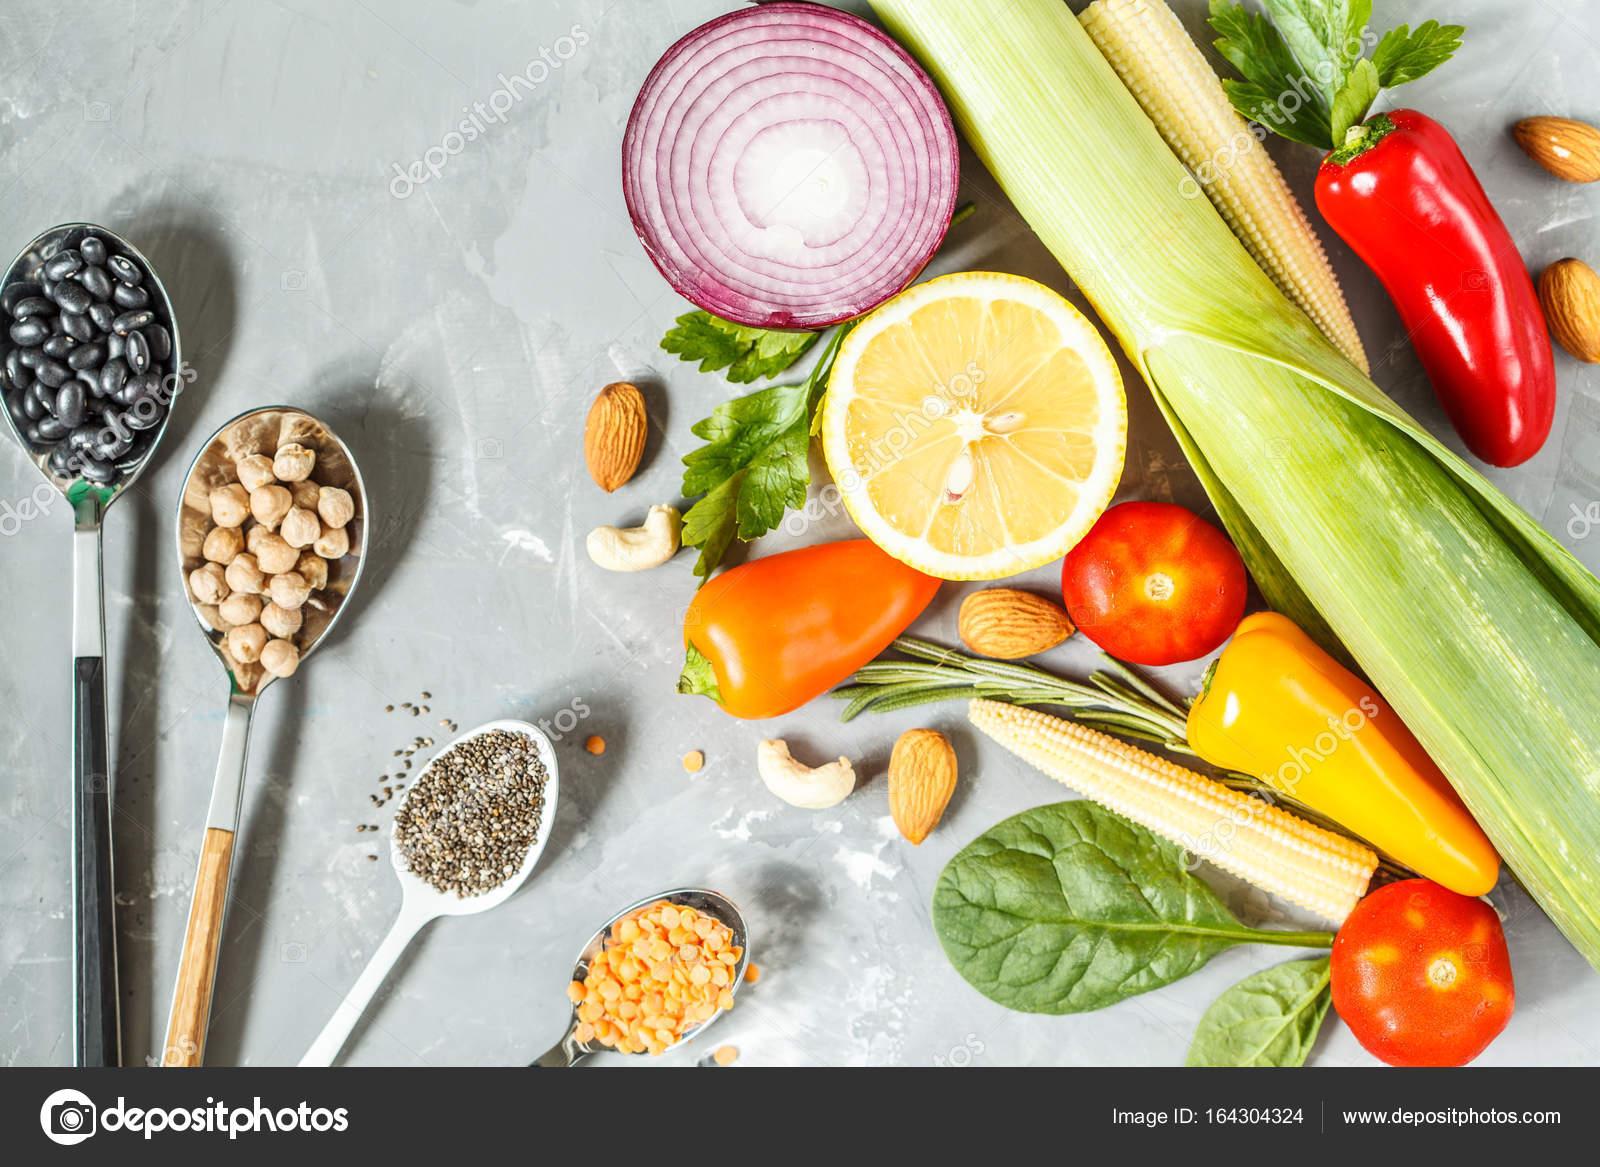 Dieta Vegetariana Melhora HbA1c , Reduz Risco CV em Diabetes